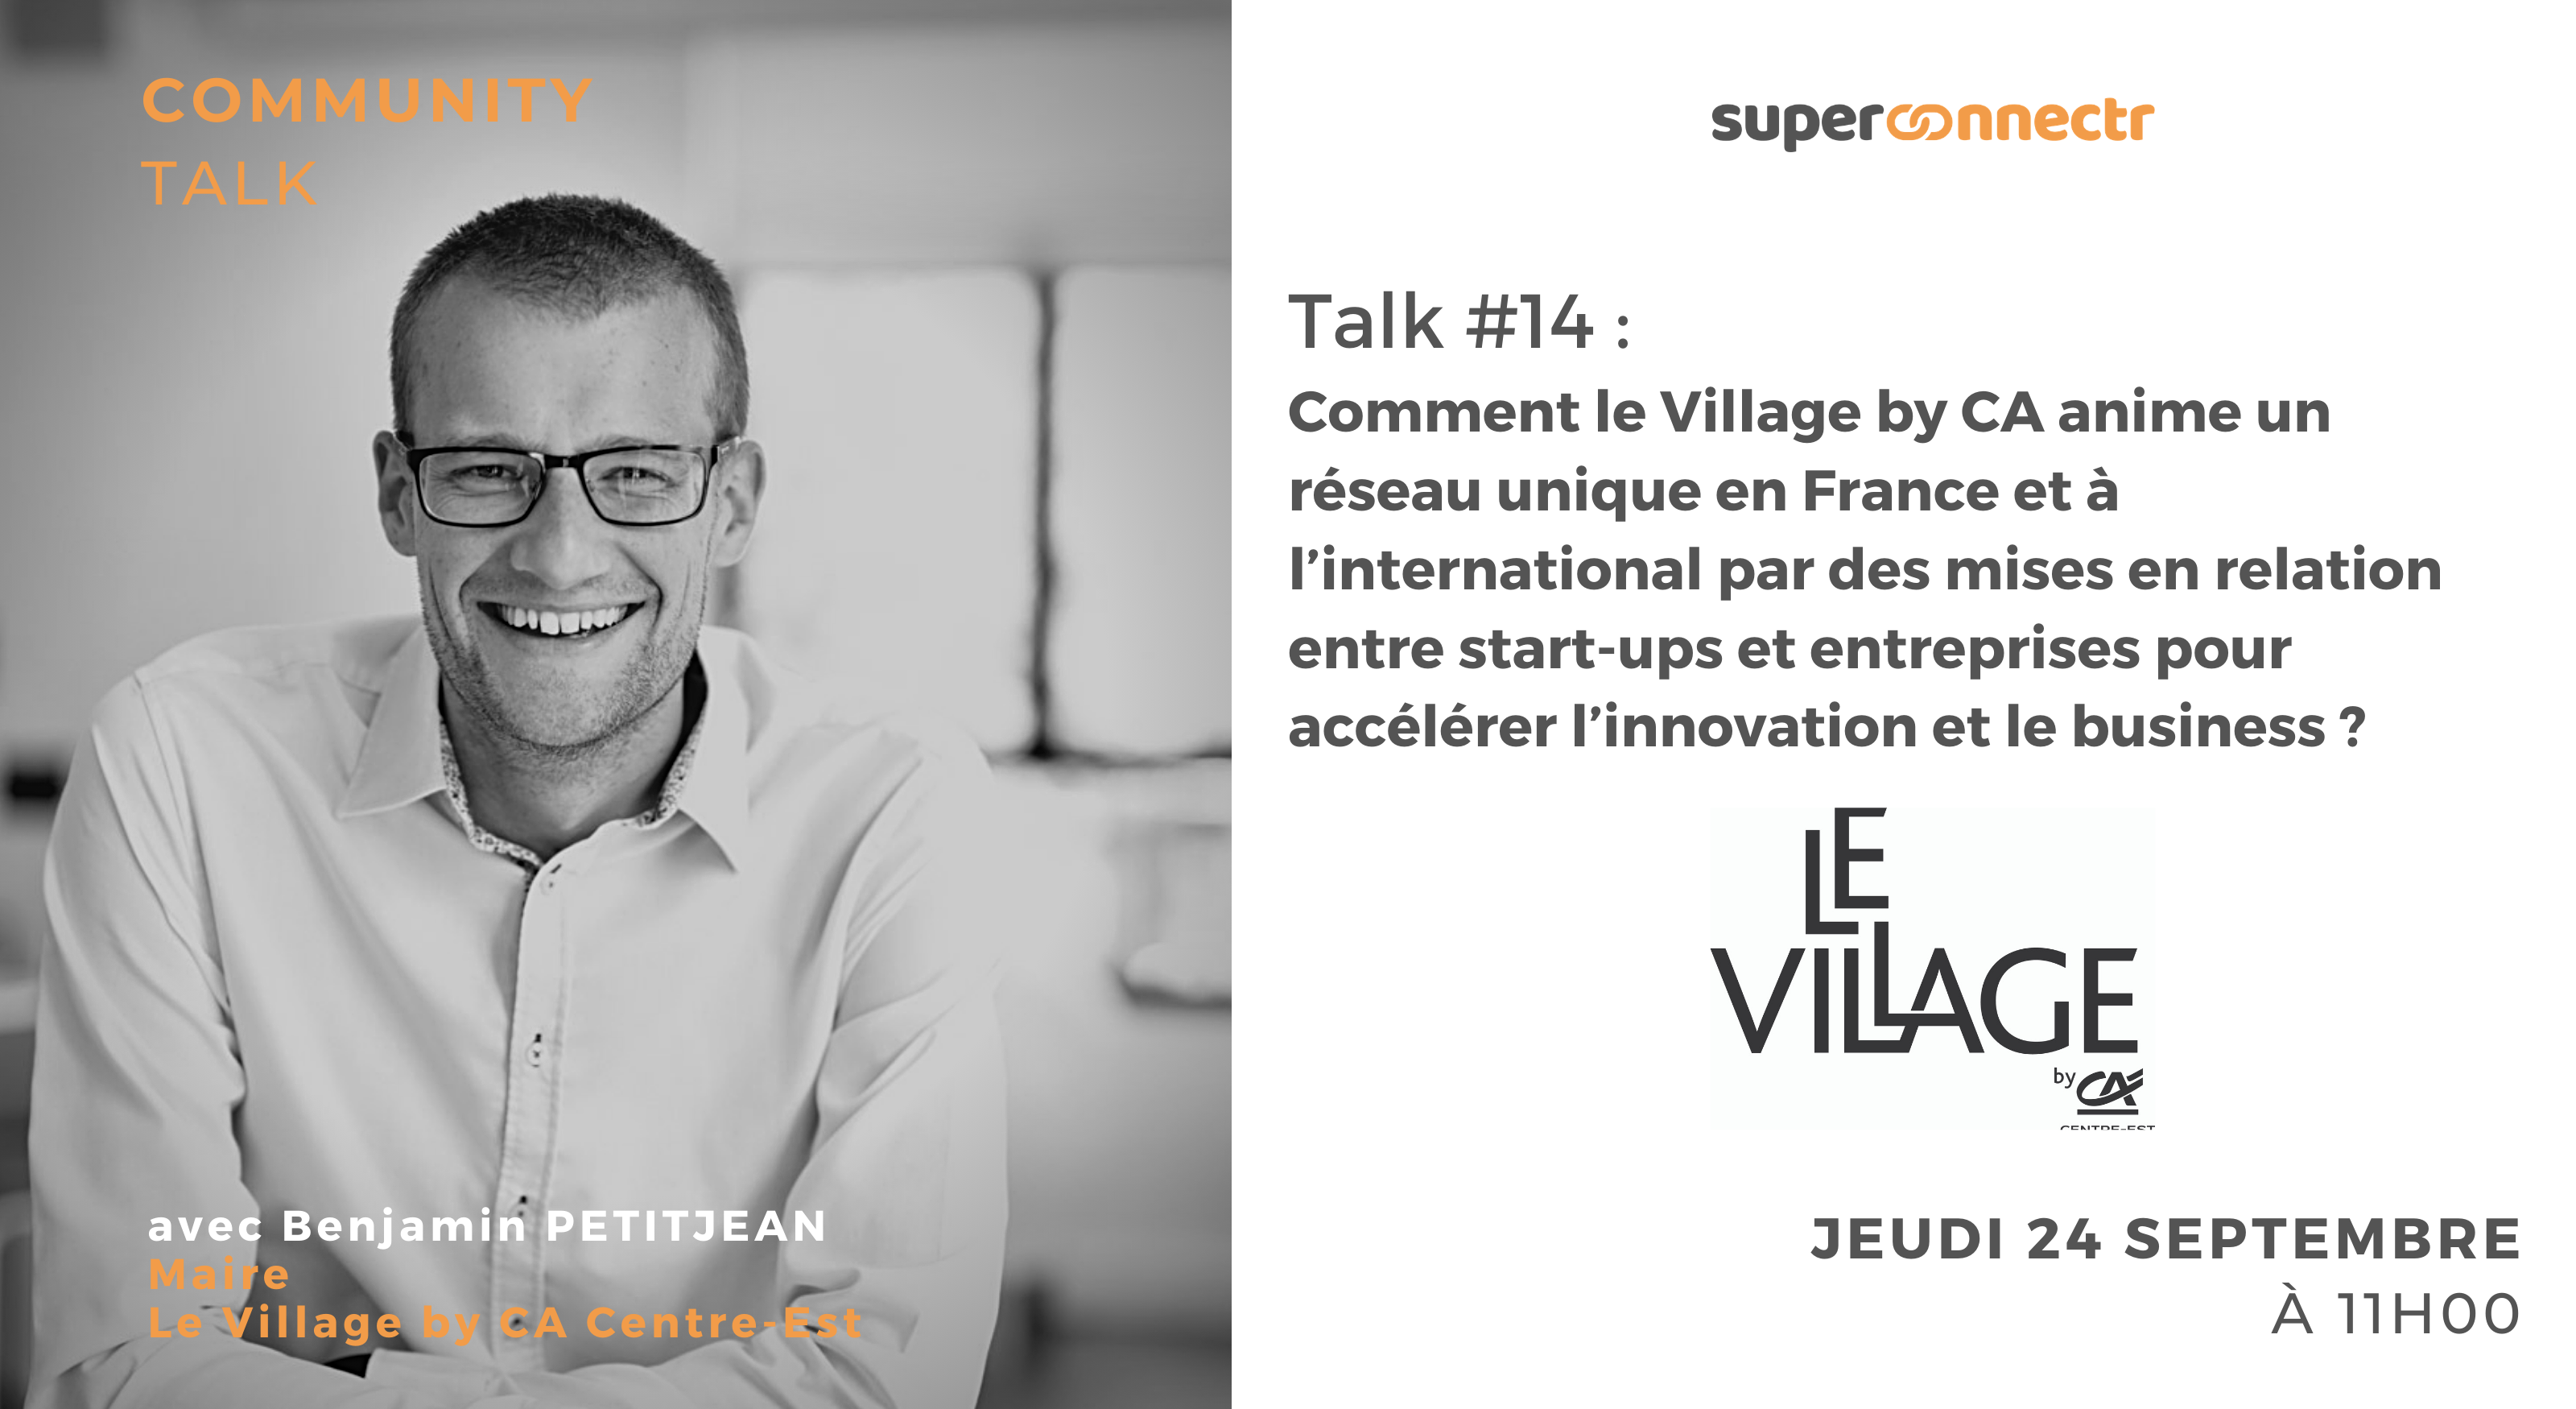 Community Talk by SuperConnectr - A la rencontre du réseau d'accélérateurs Le Village by CA